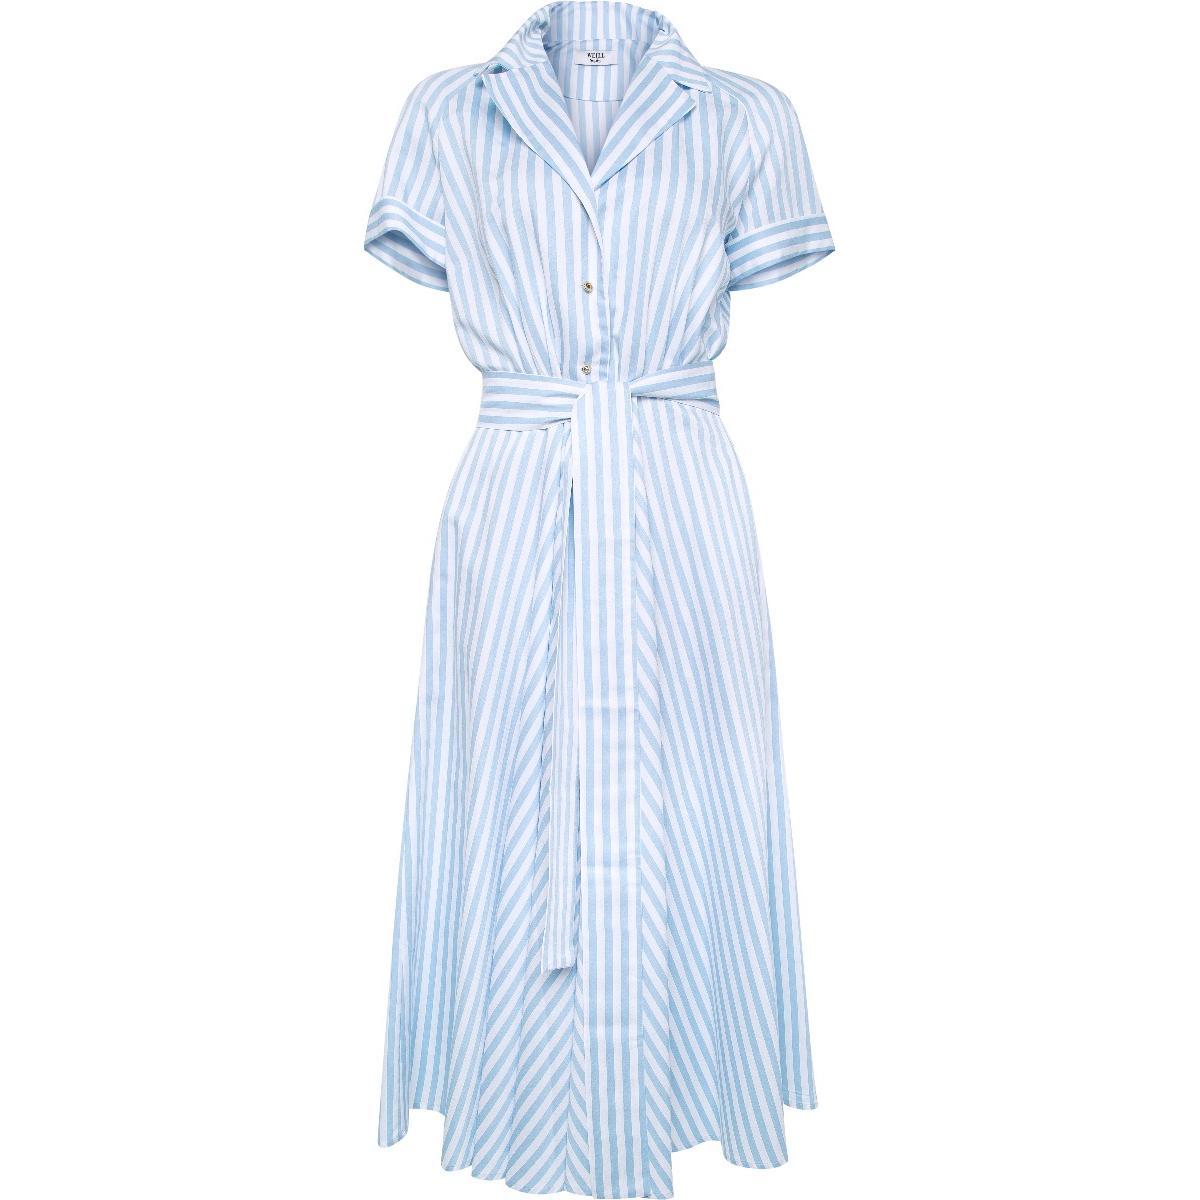 Midi-Kleid mit Streifenprint, Taillenbindegürtel und Reverskragen-0